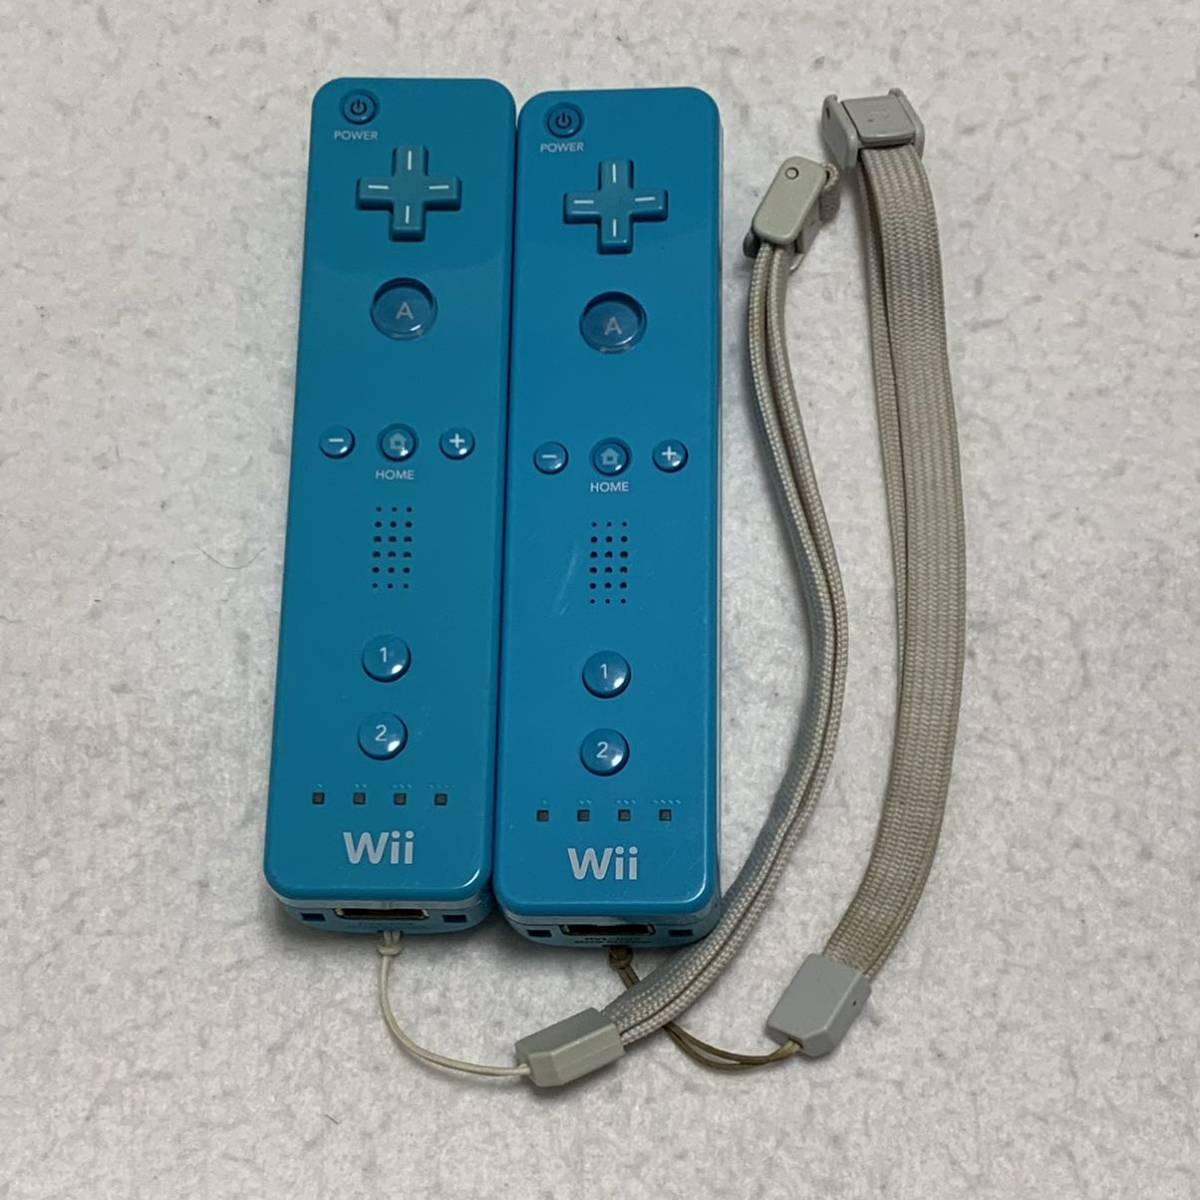 Wii リモコン ブルー アオ シリコンカバー ストラップ 2本 セット